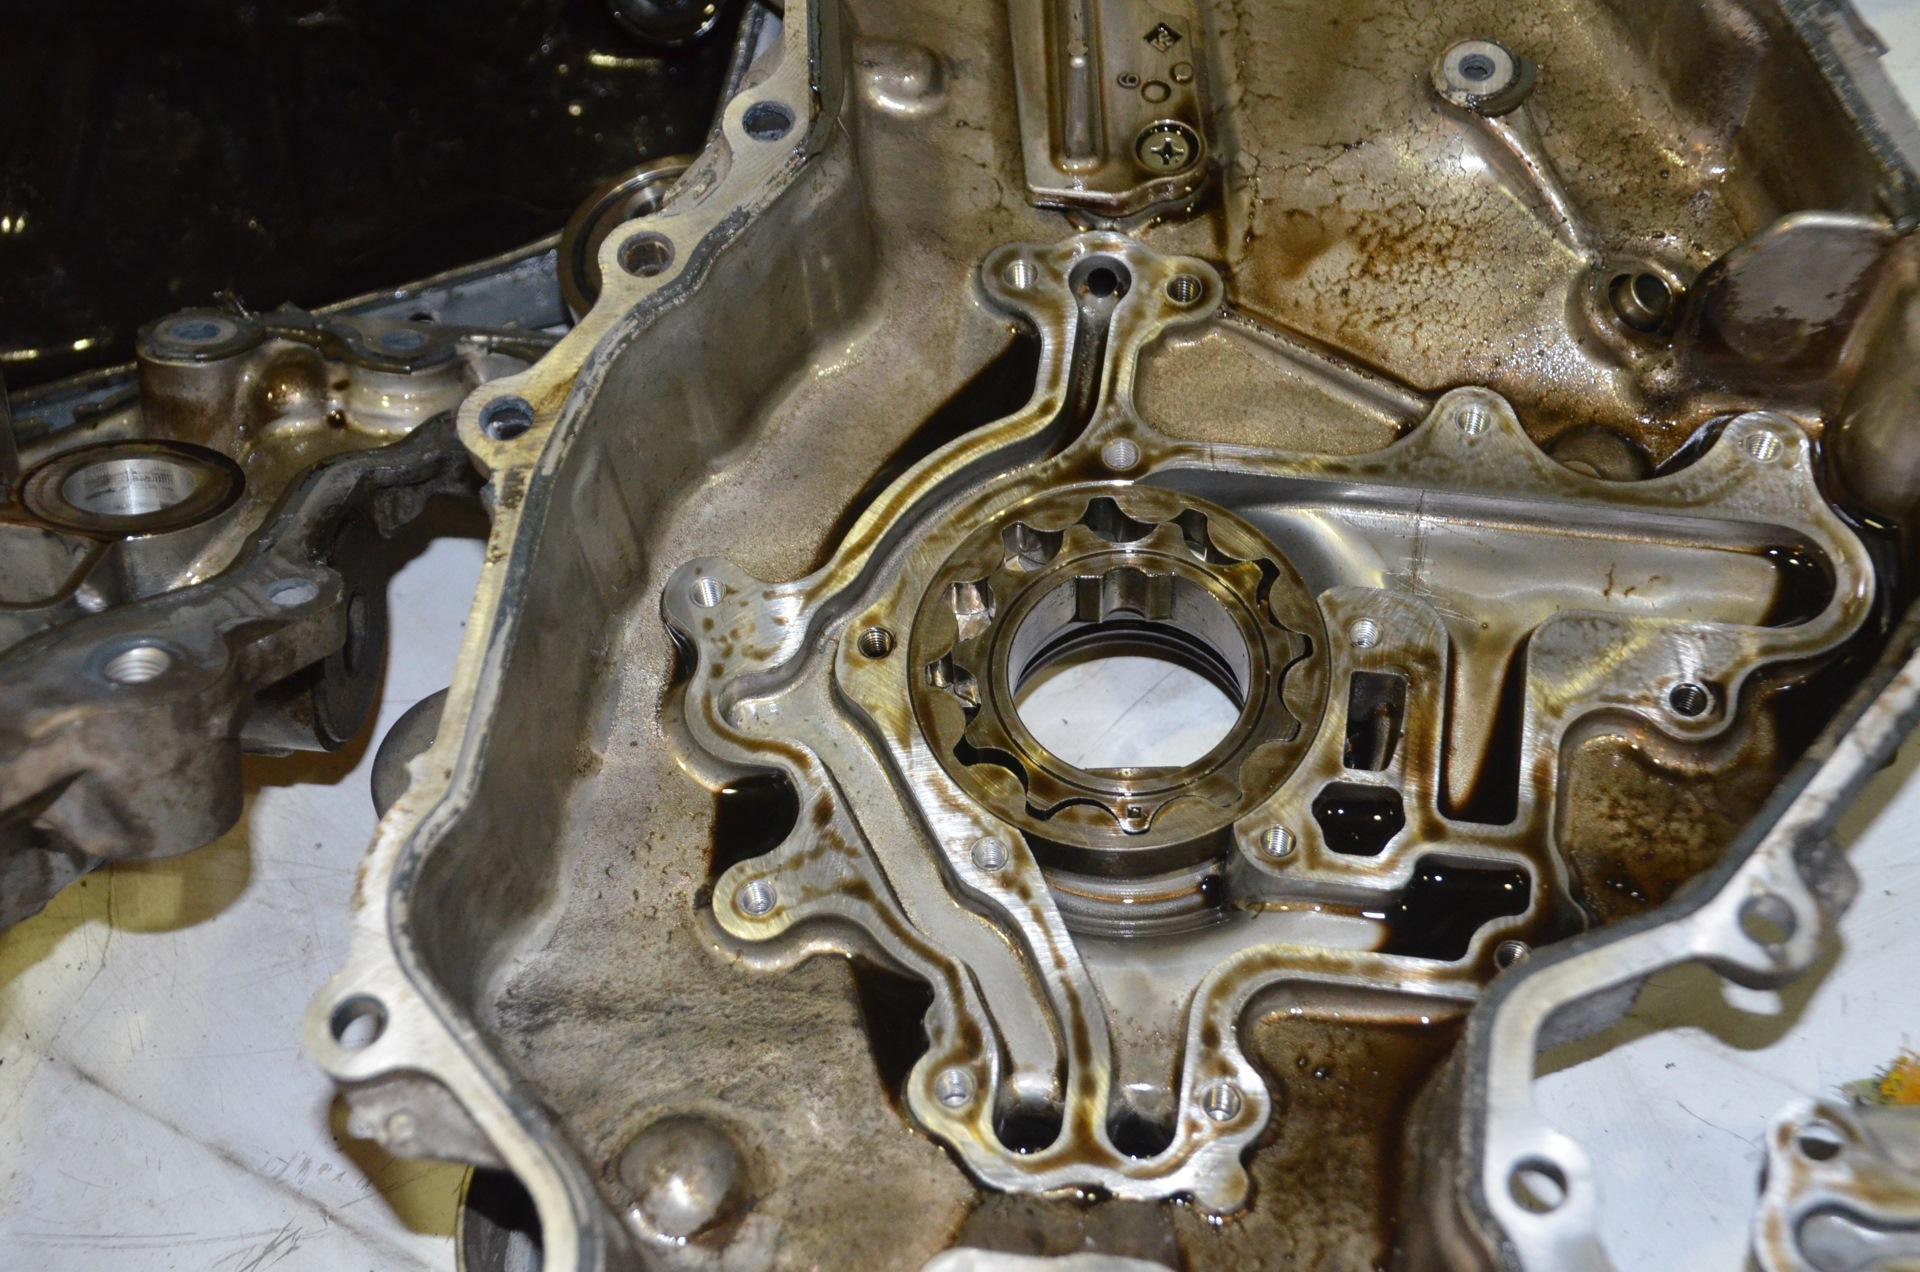 Мотор Субару FB 20 надежда есть, шансов нет, 1  — Subaru